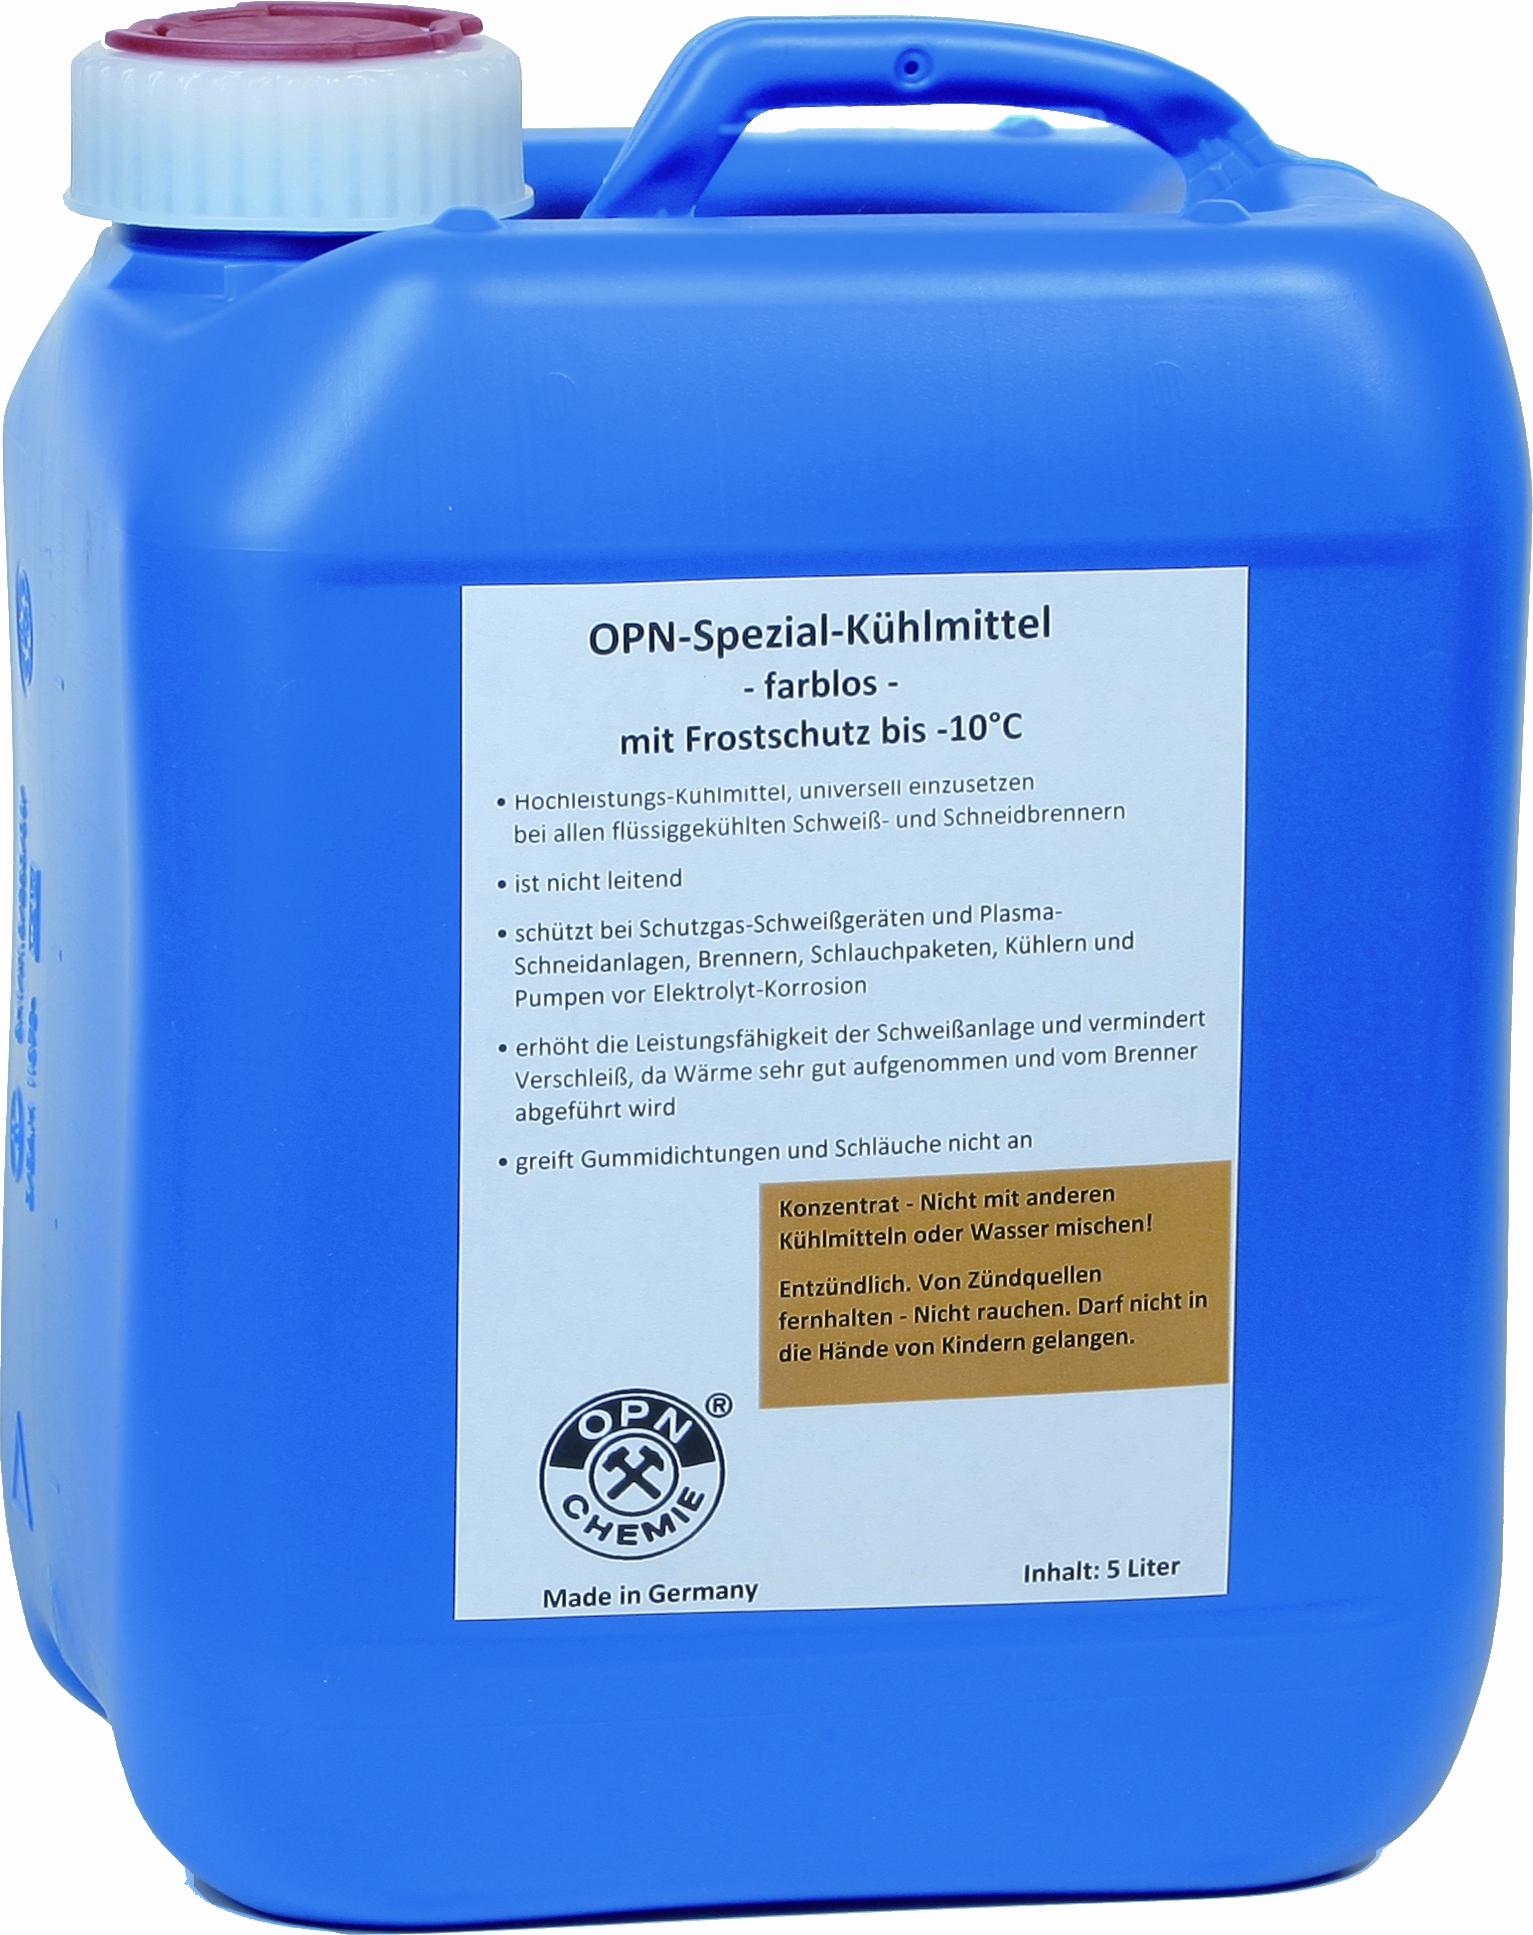 Spezial-Kühlmittel für die Schweisstechnik